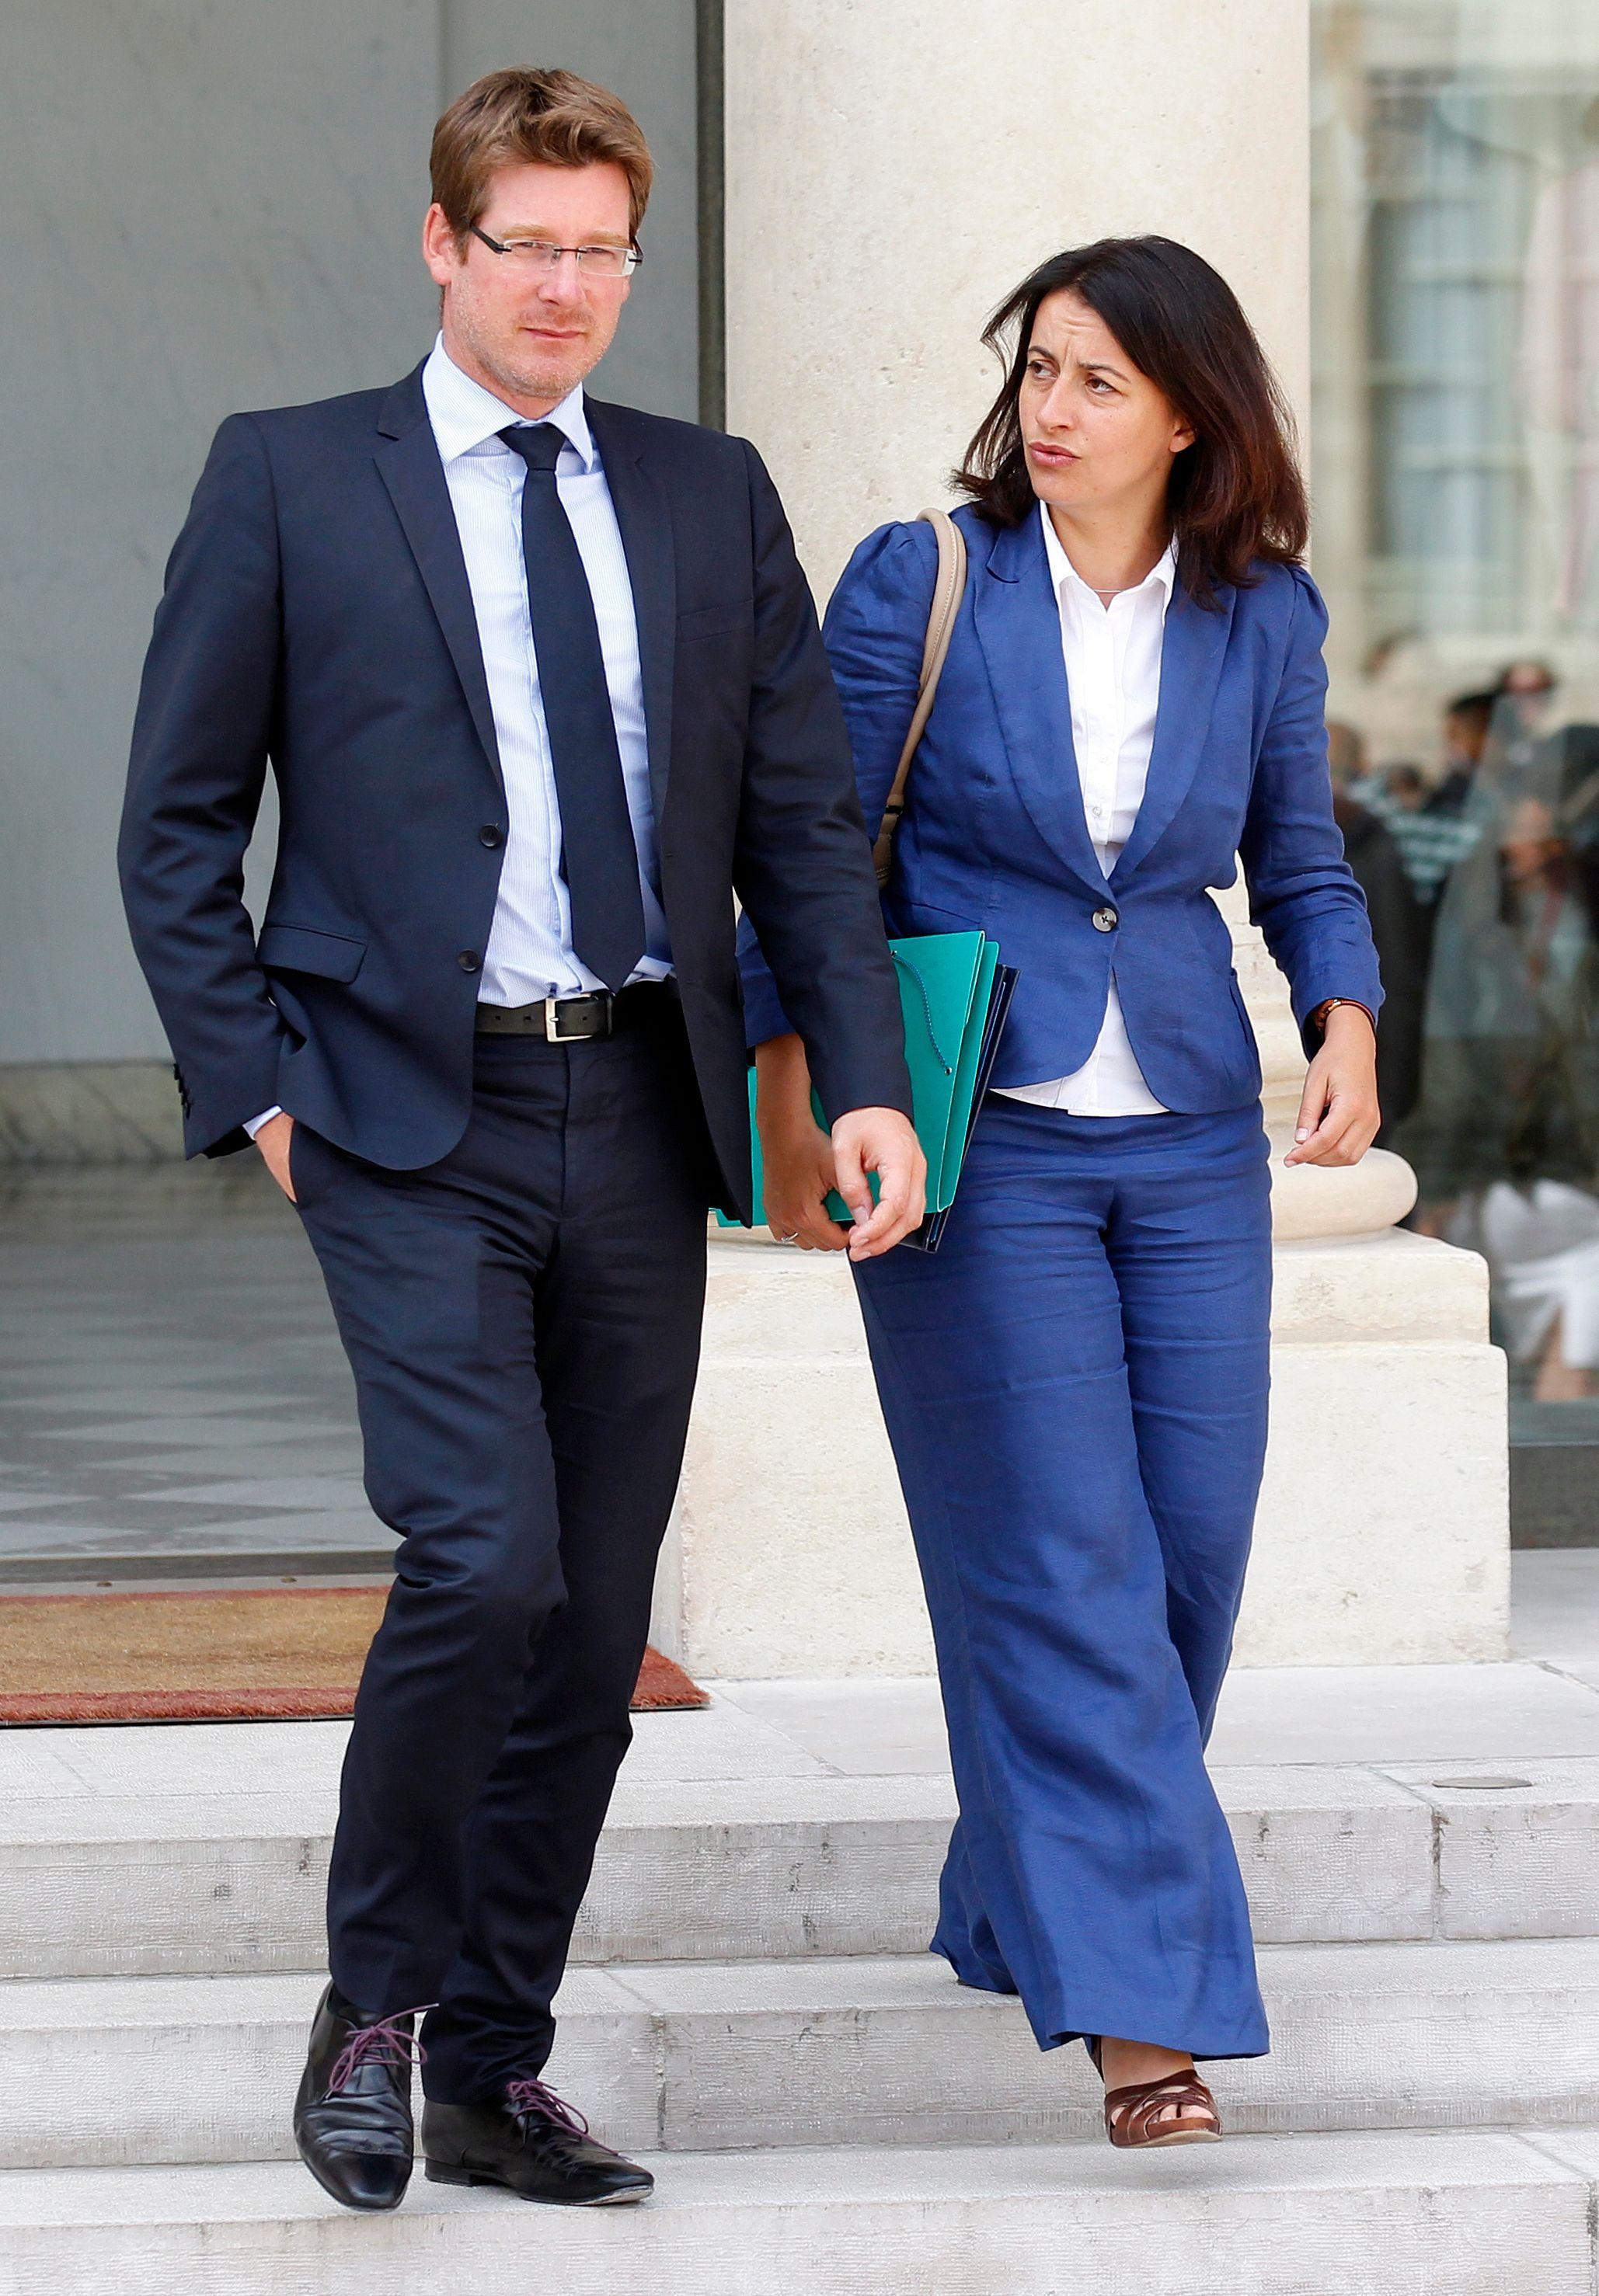 Pascal Canfin et Cécile Duflot, les deux ministres EELV du gouvernement.